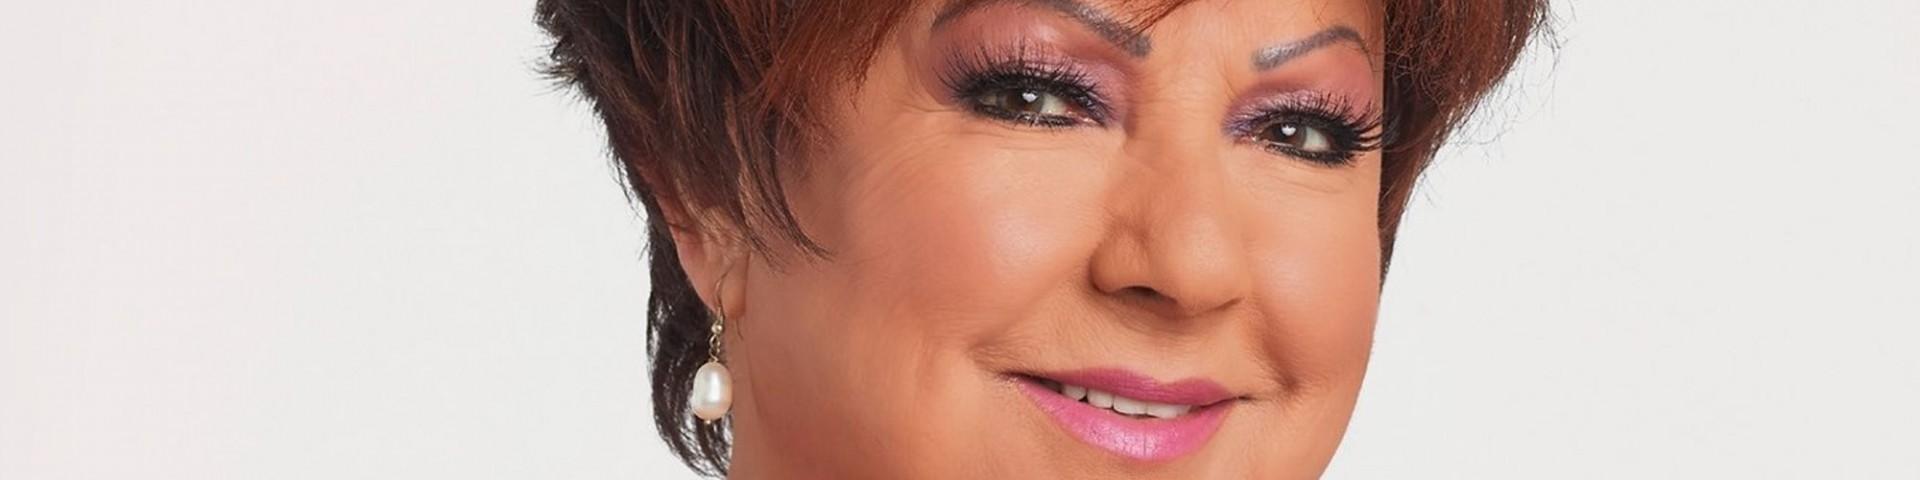 Orietta Berti a Sanremo 2021: la conferenza stampa